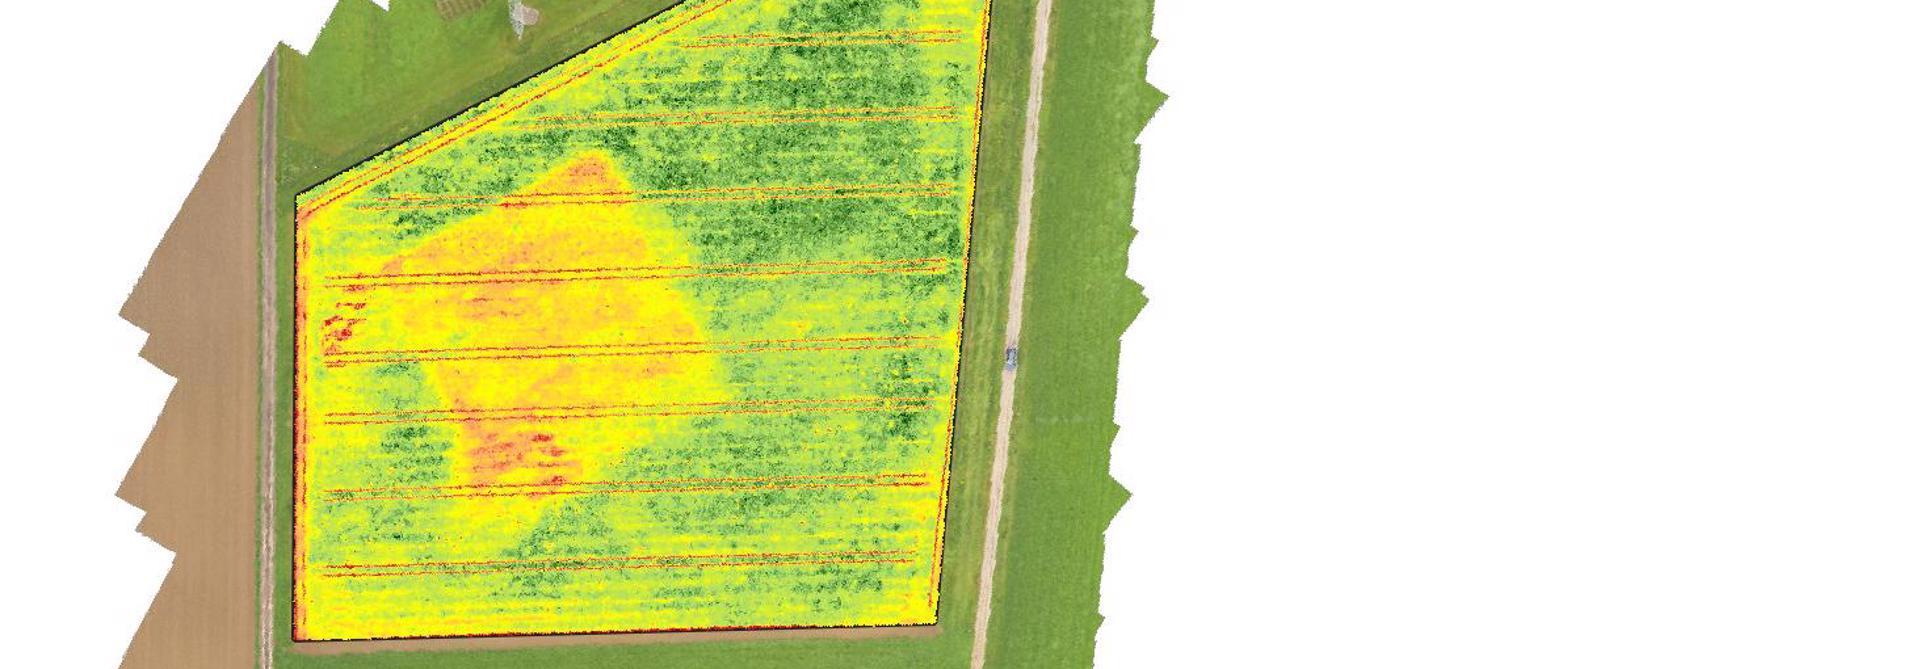 Vegetationsindex eines Feldes auf Basis von Multispektralbildern der Drohne berechnet.>